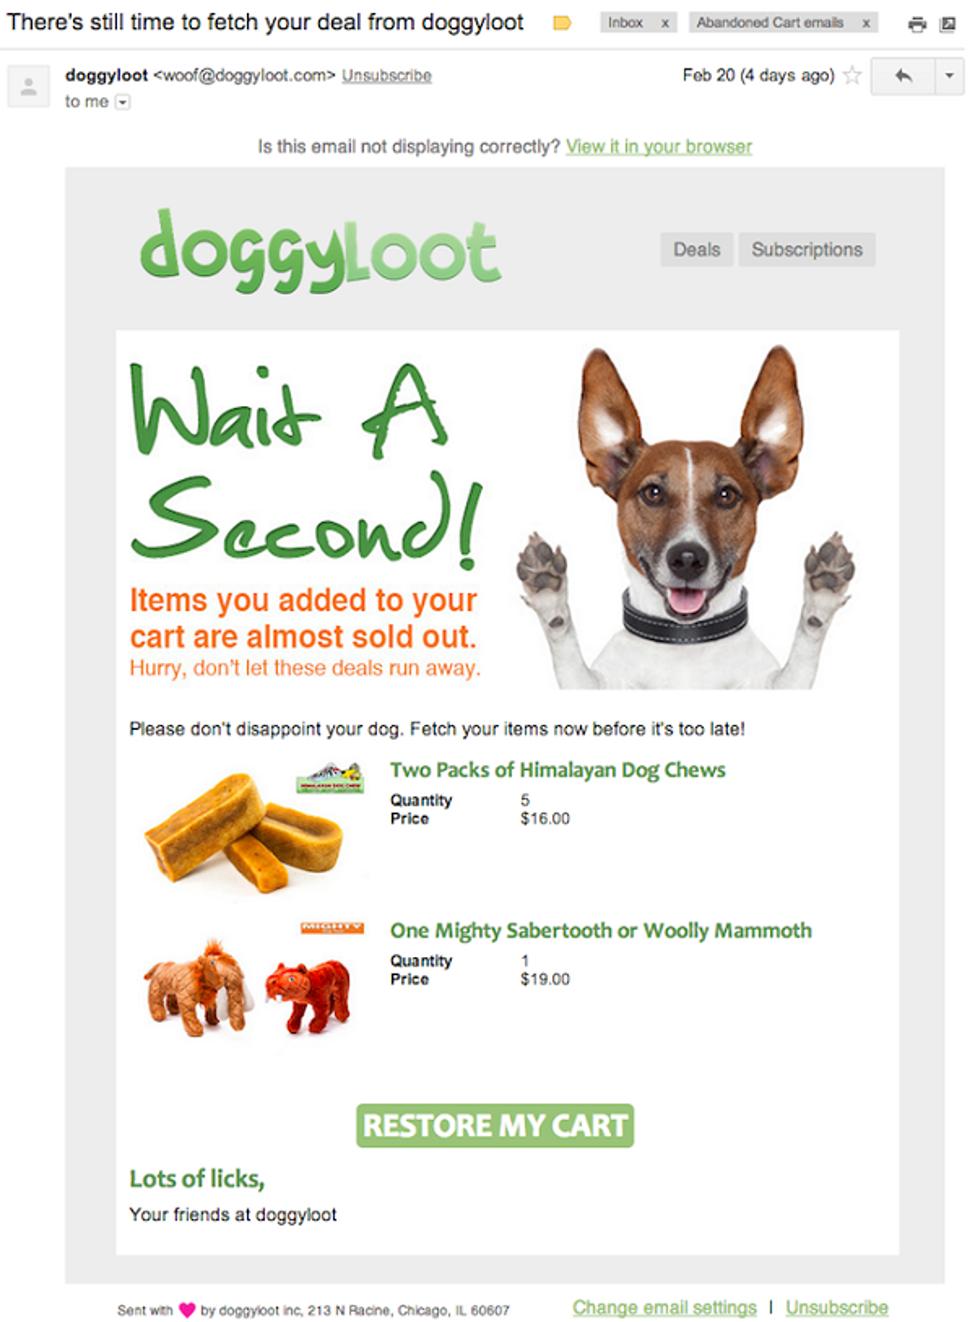 DoggyLoot abandon cart email